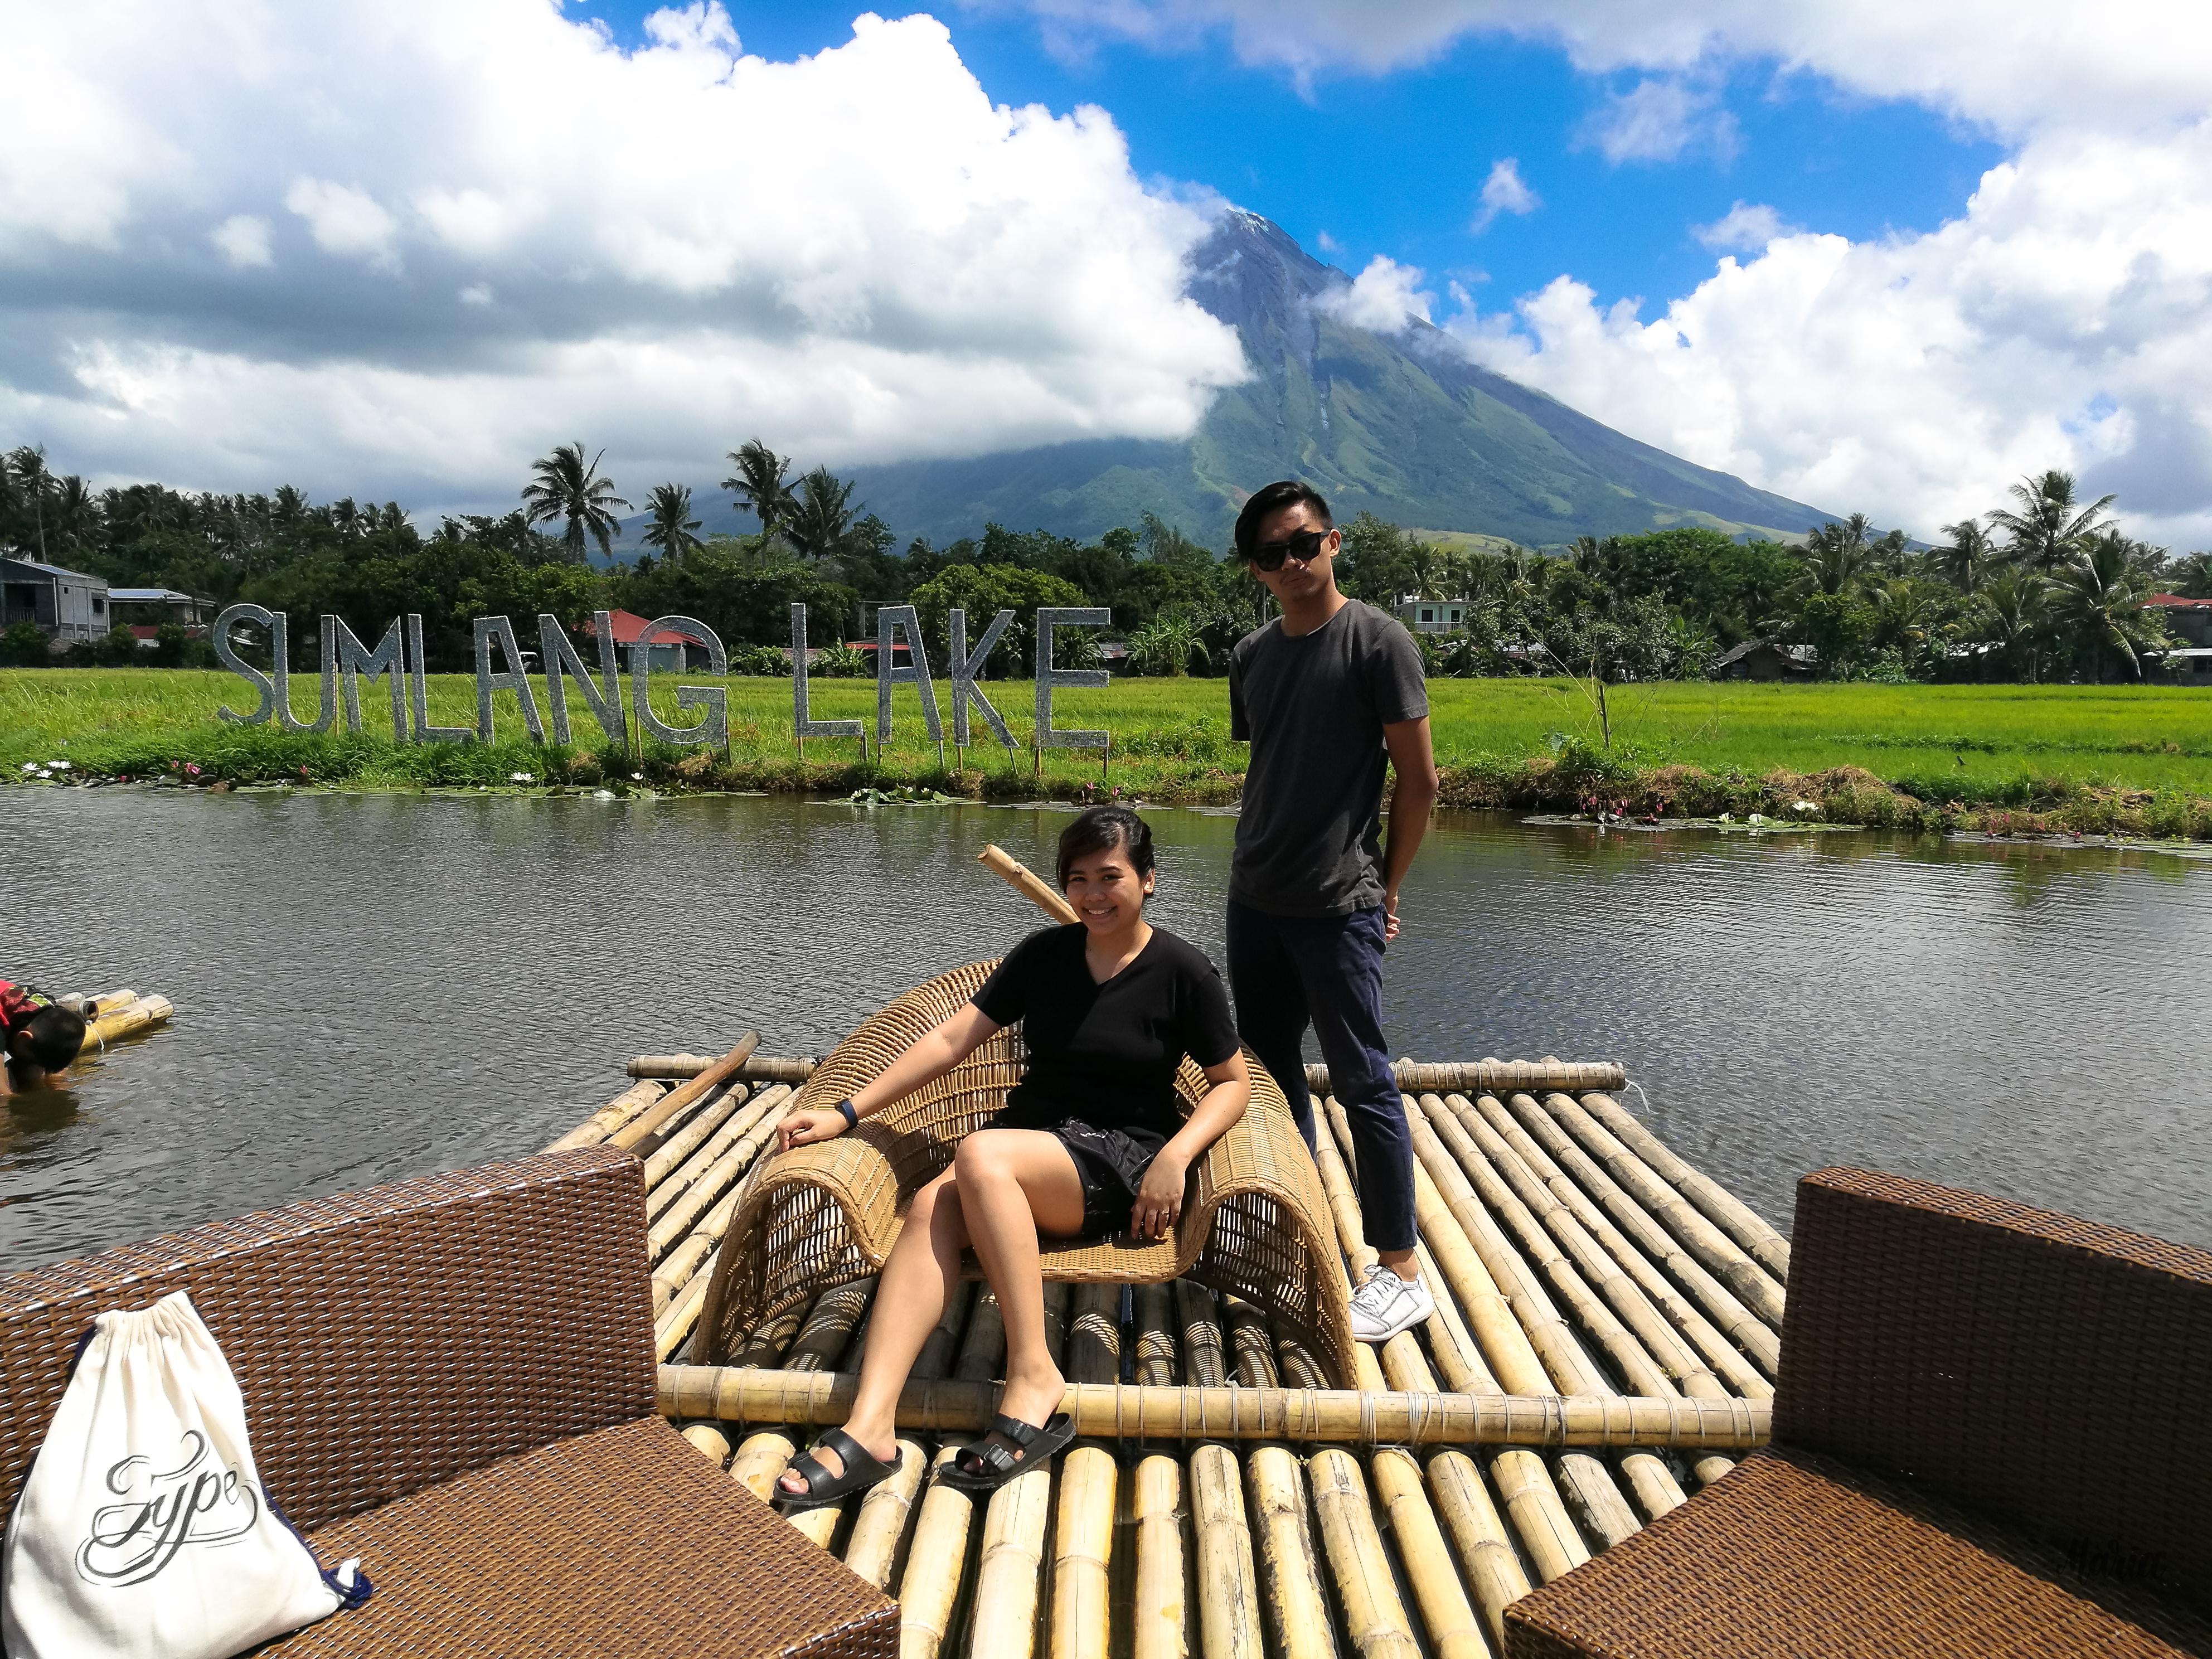 Sumlang Lake | Semana Santa 2017